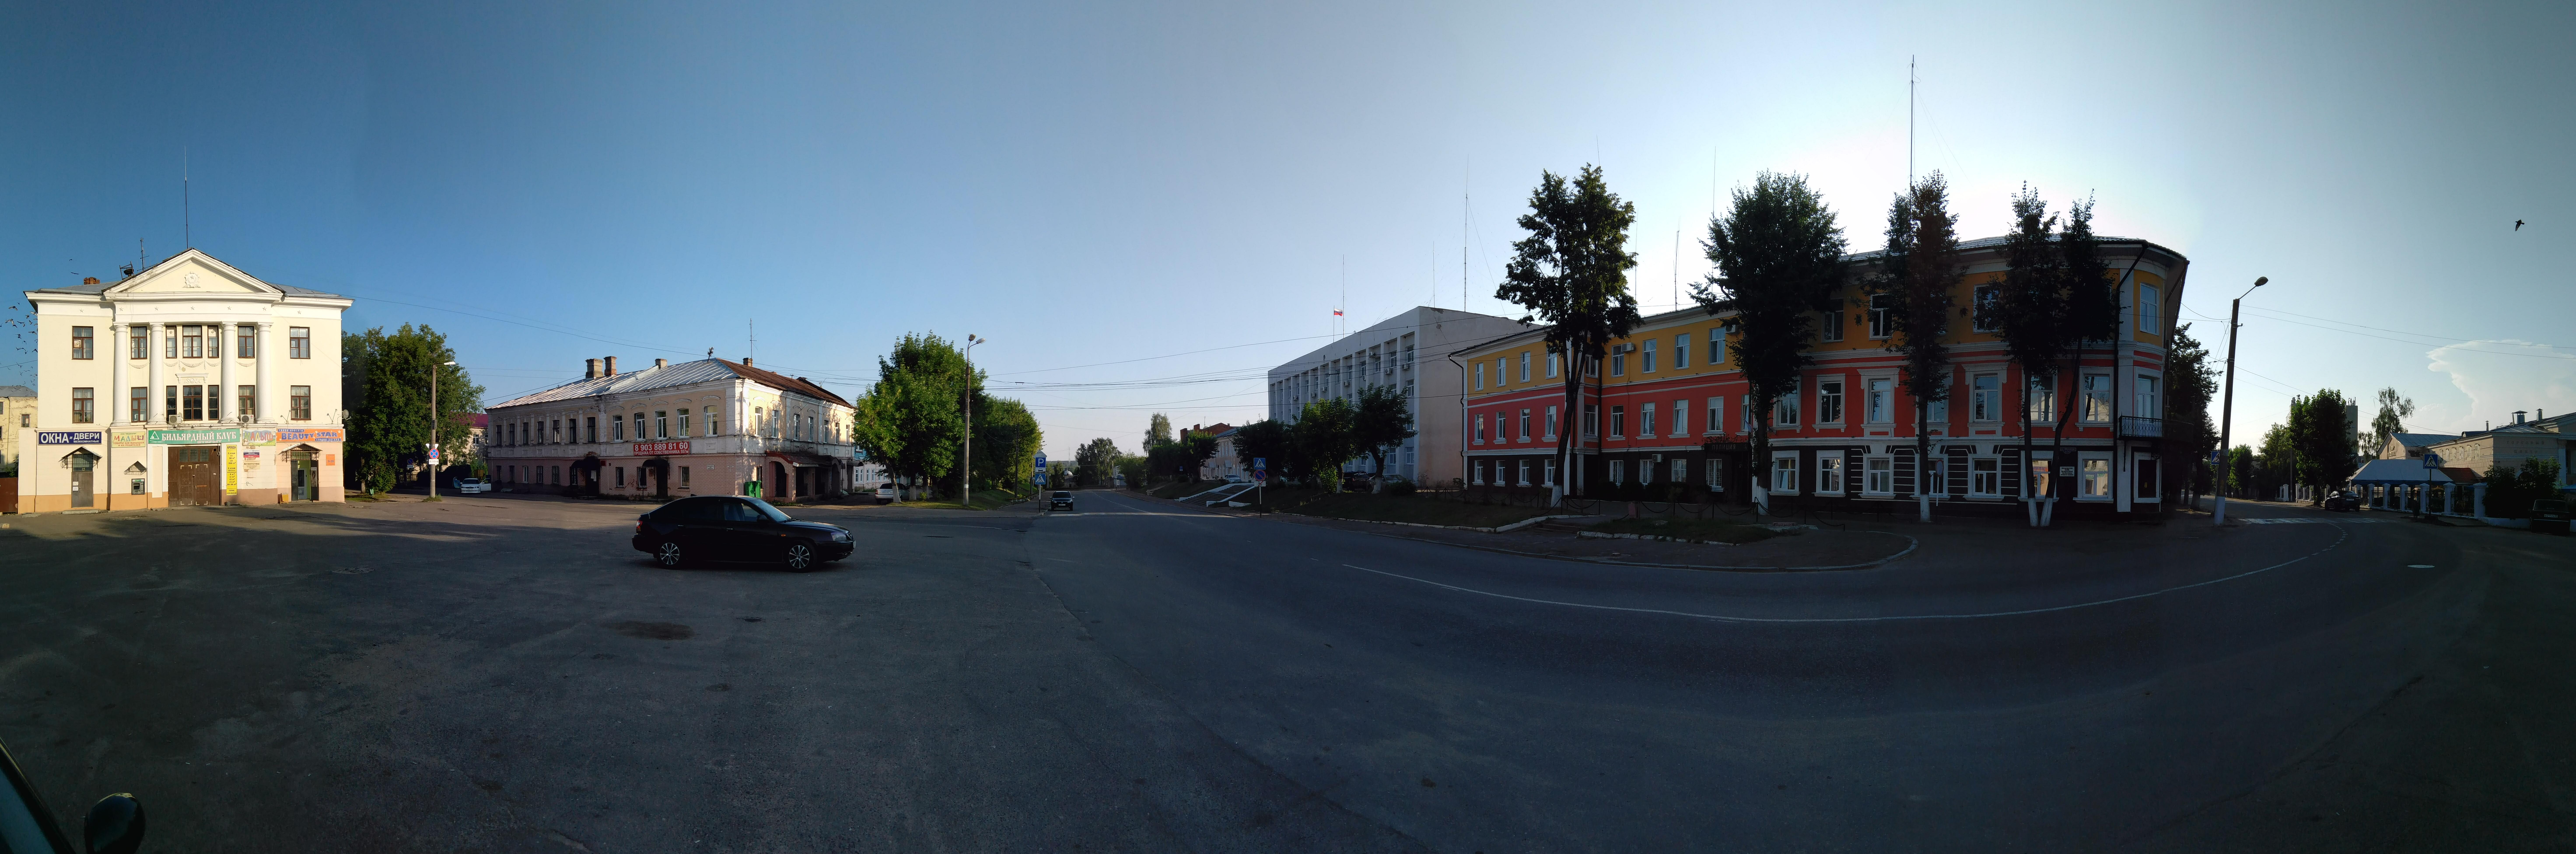 Фото Кинешмы, Россия от туристов на «Тонкостях туризма» | 3904x11776